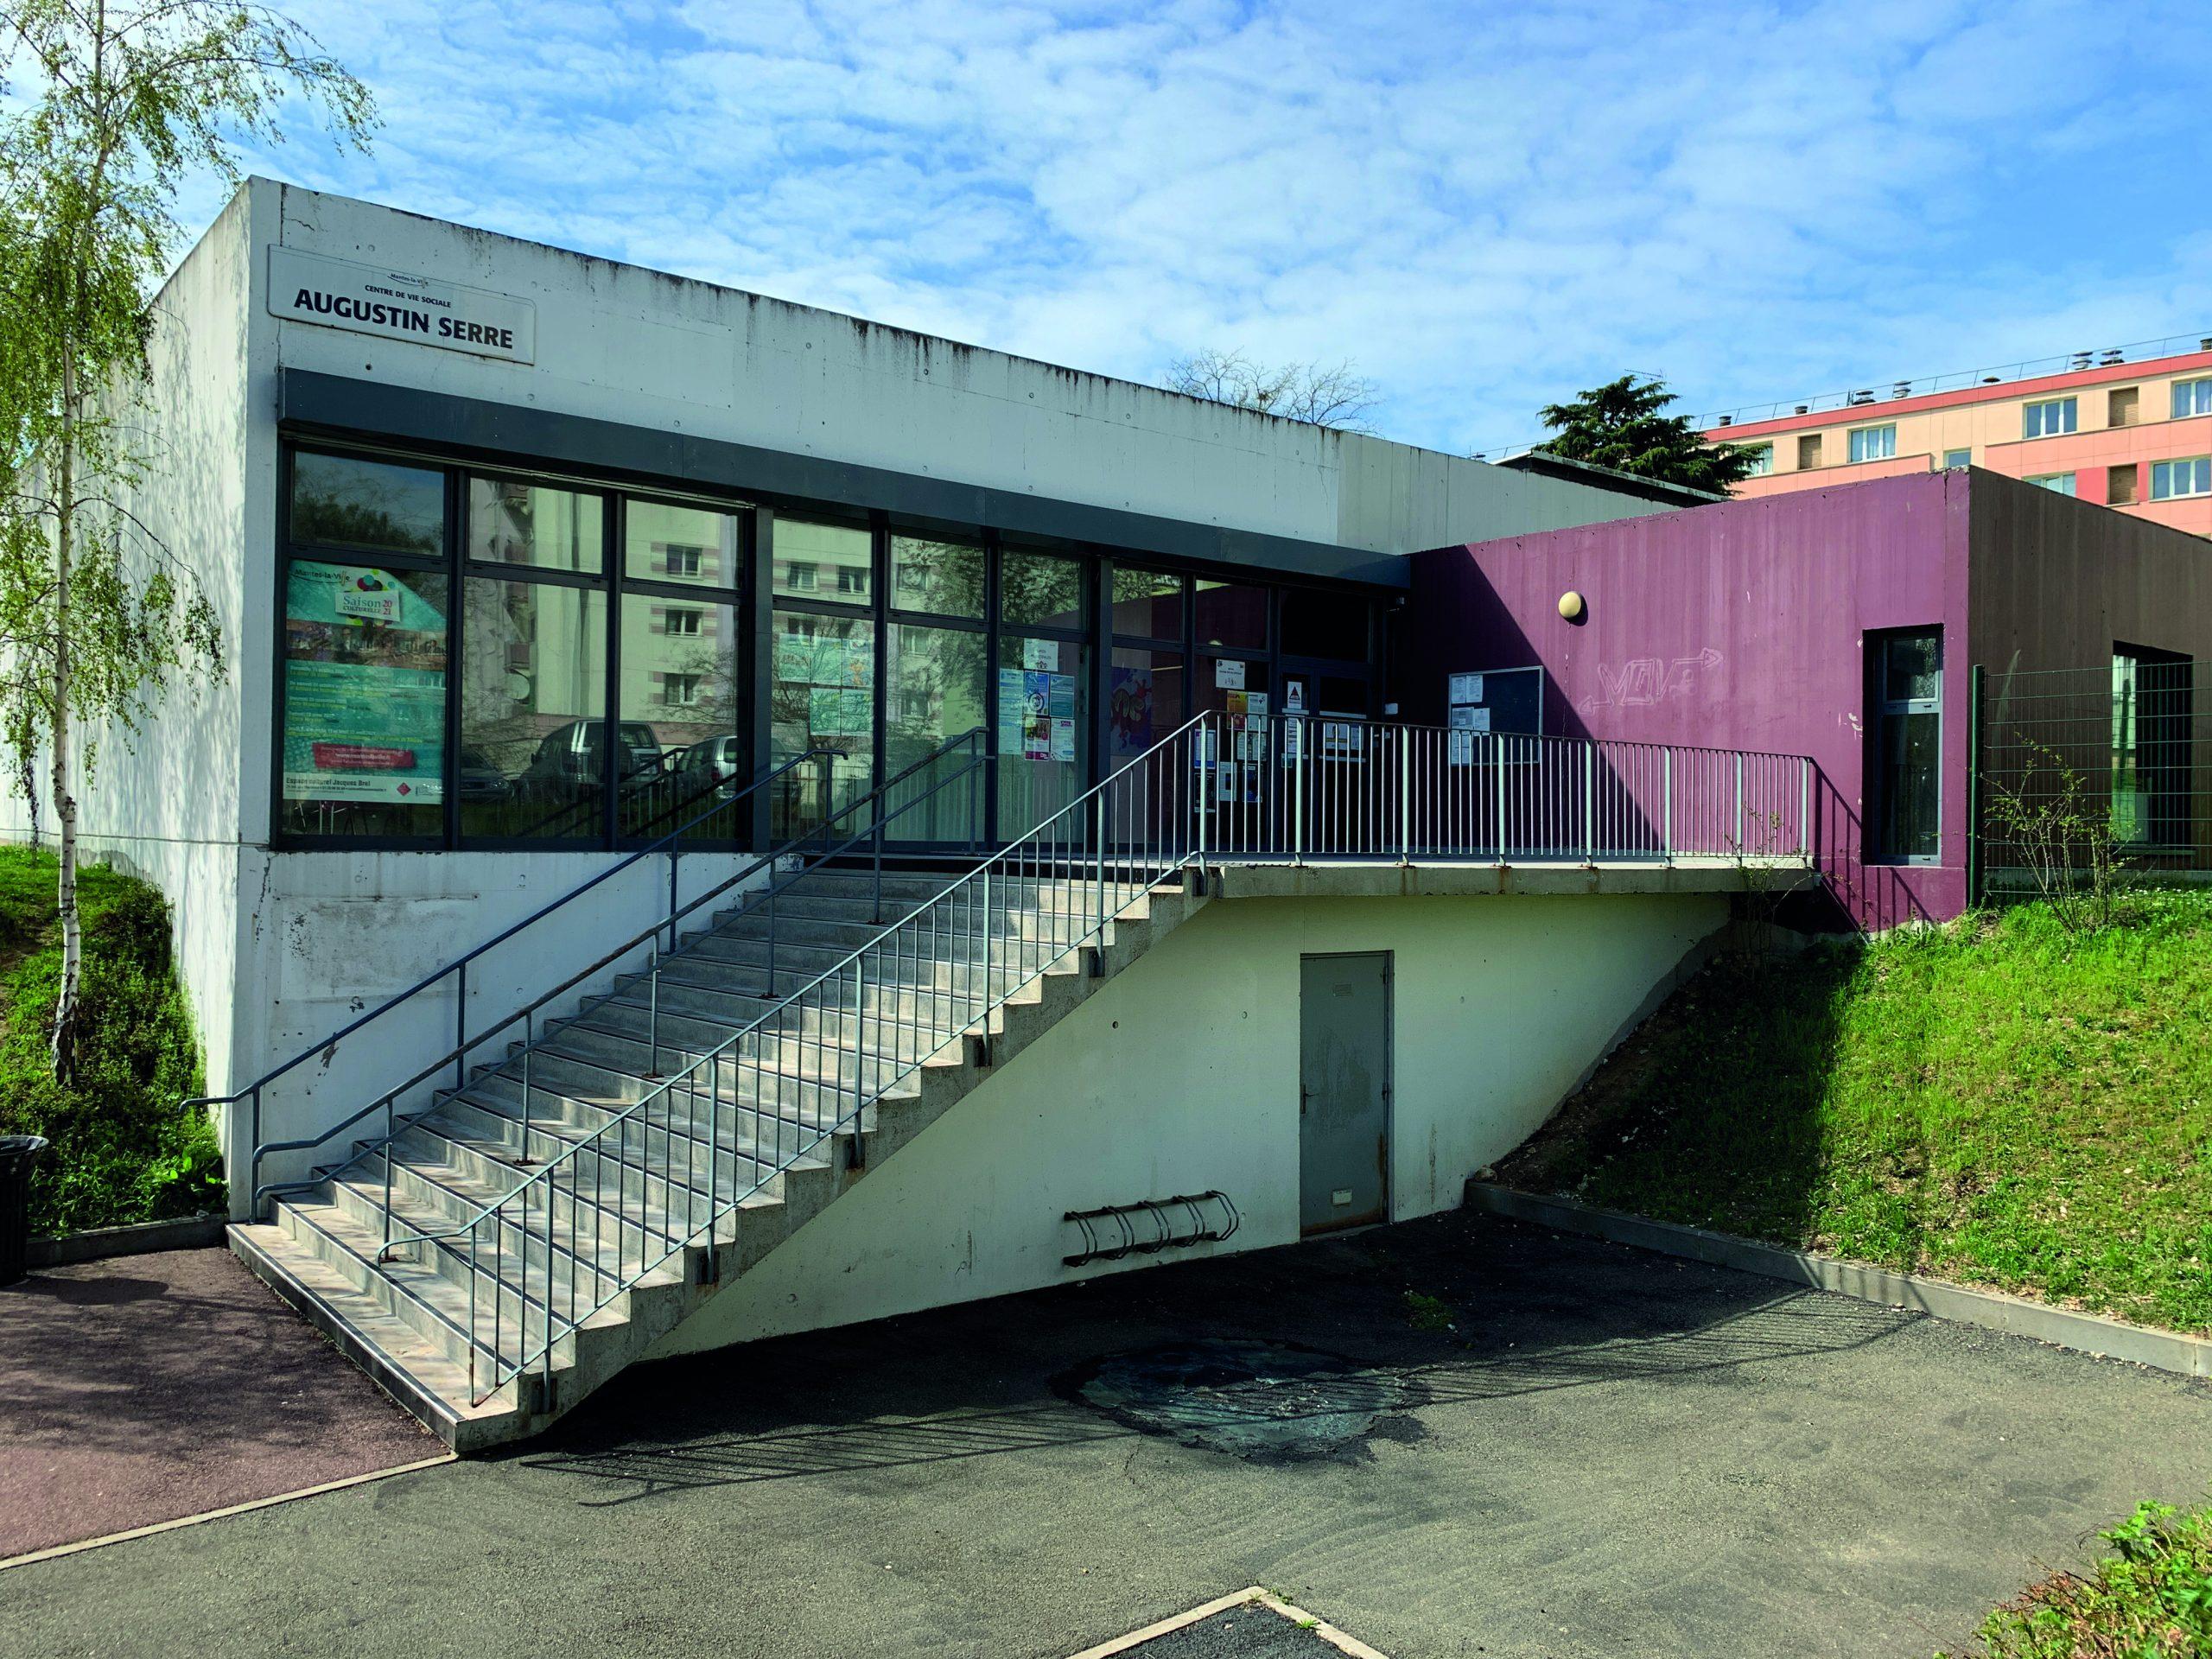 10 projets d'avenir à Mantes-la-Ville